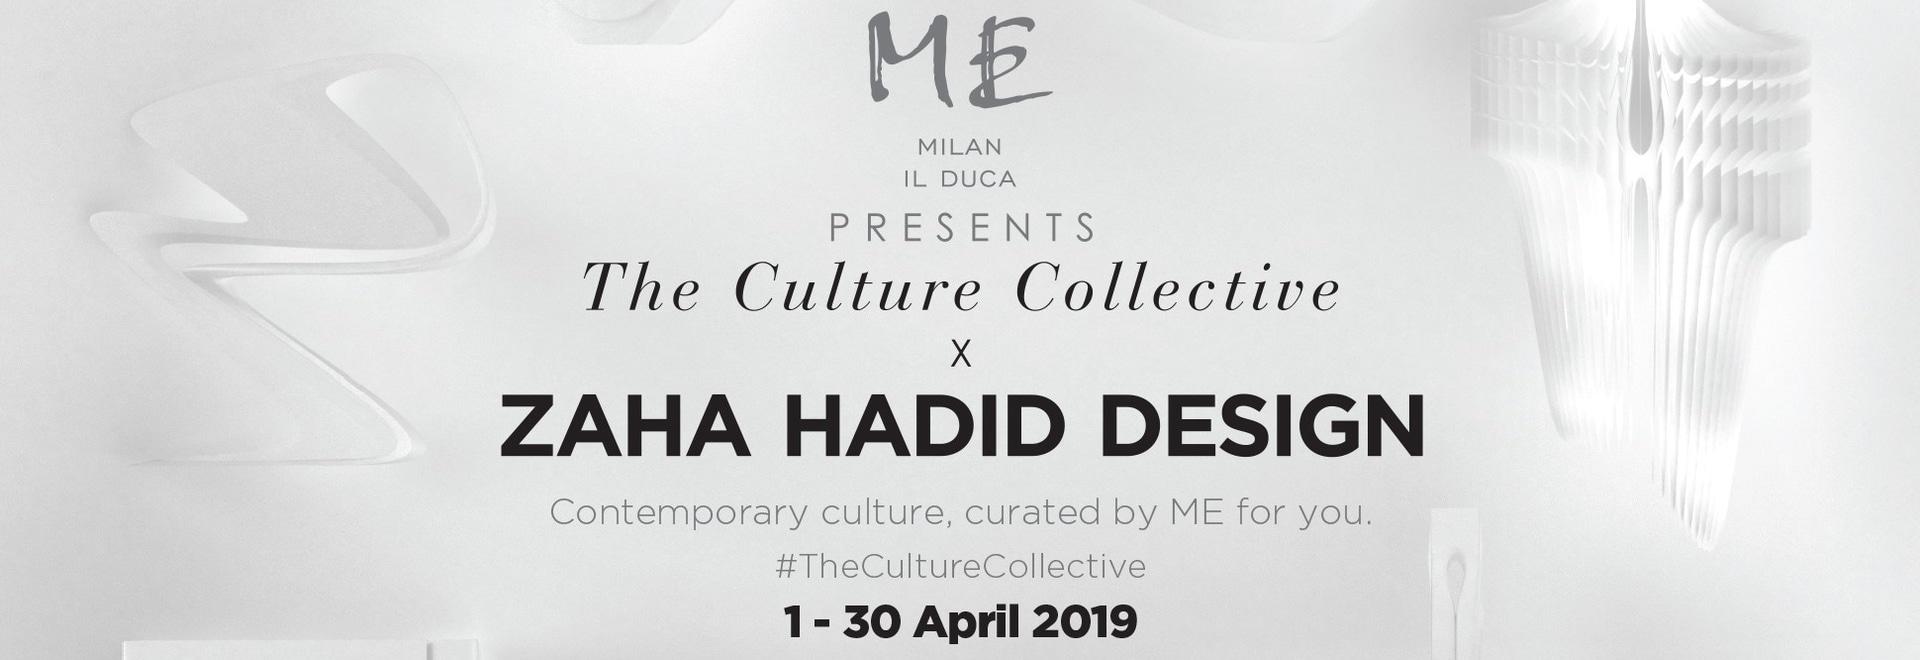 DESIGN WEEK MILAN 2019